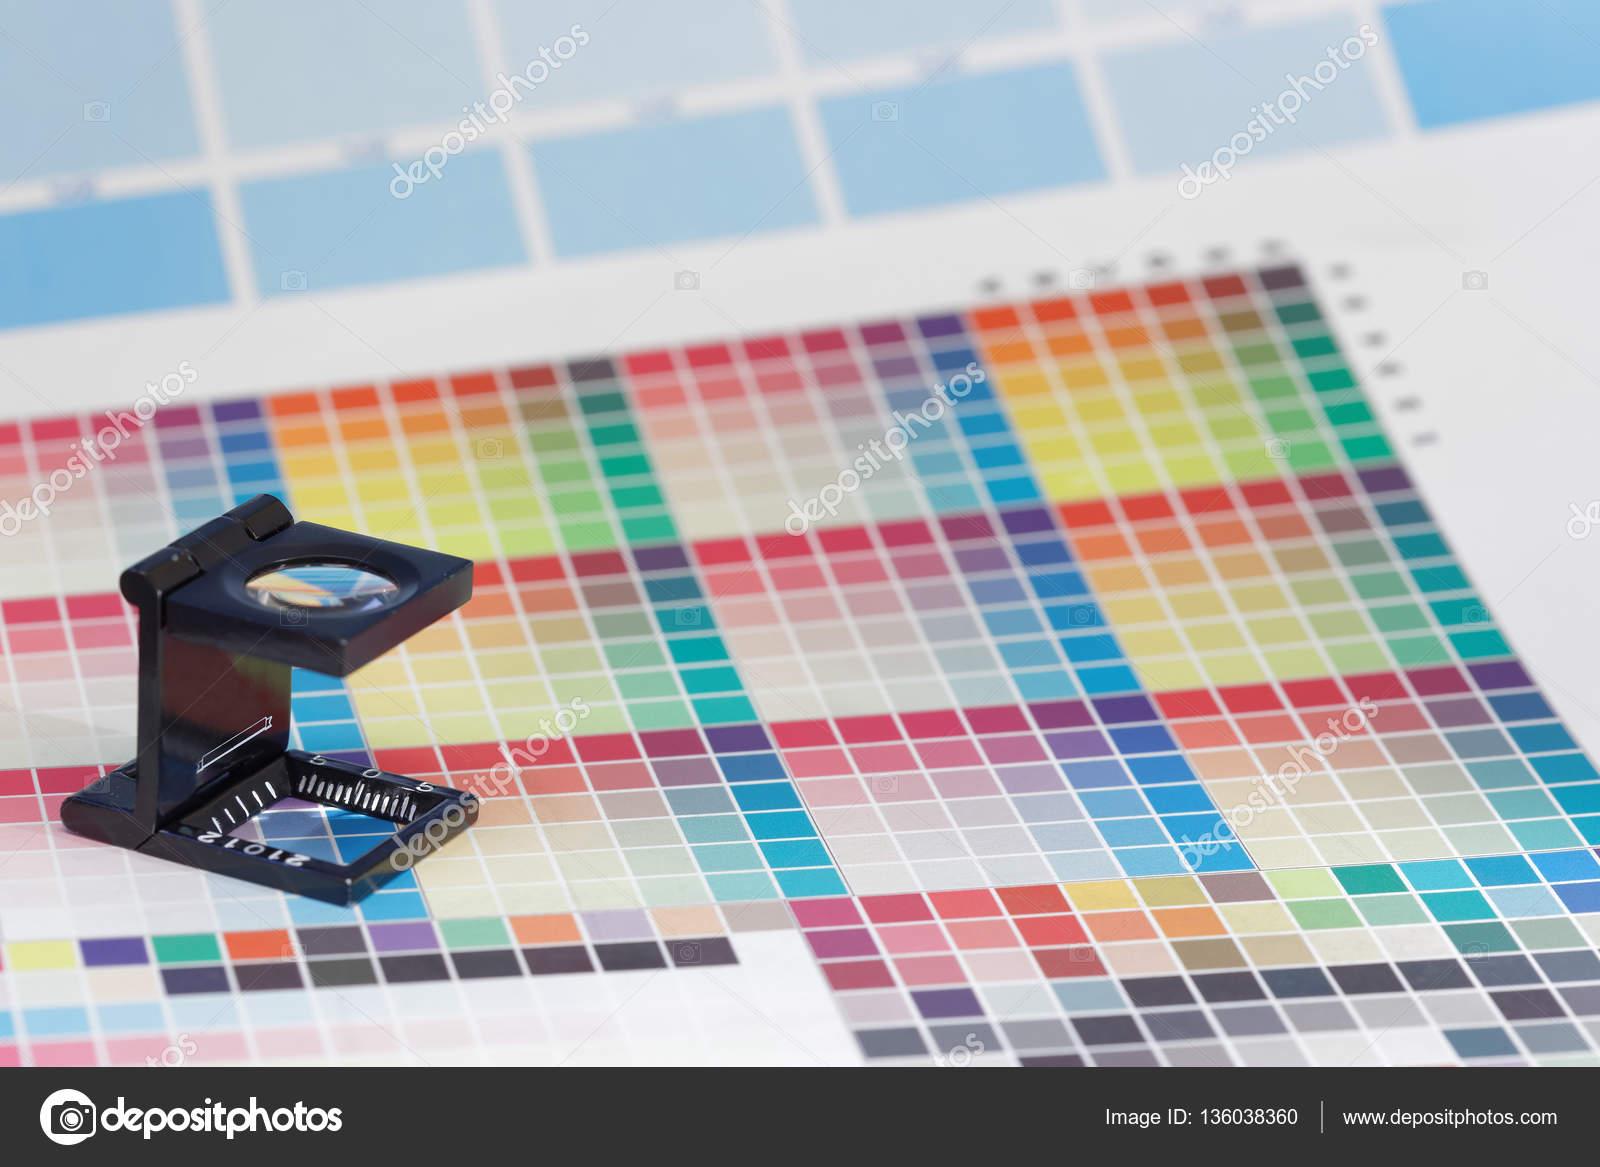 Lupa o lupa de la impresora se encuentra en una hoja de prueba de ...